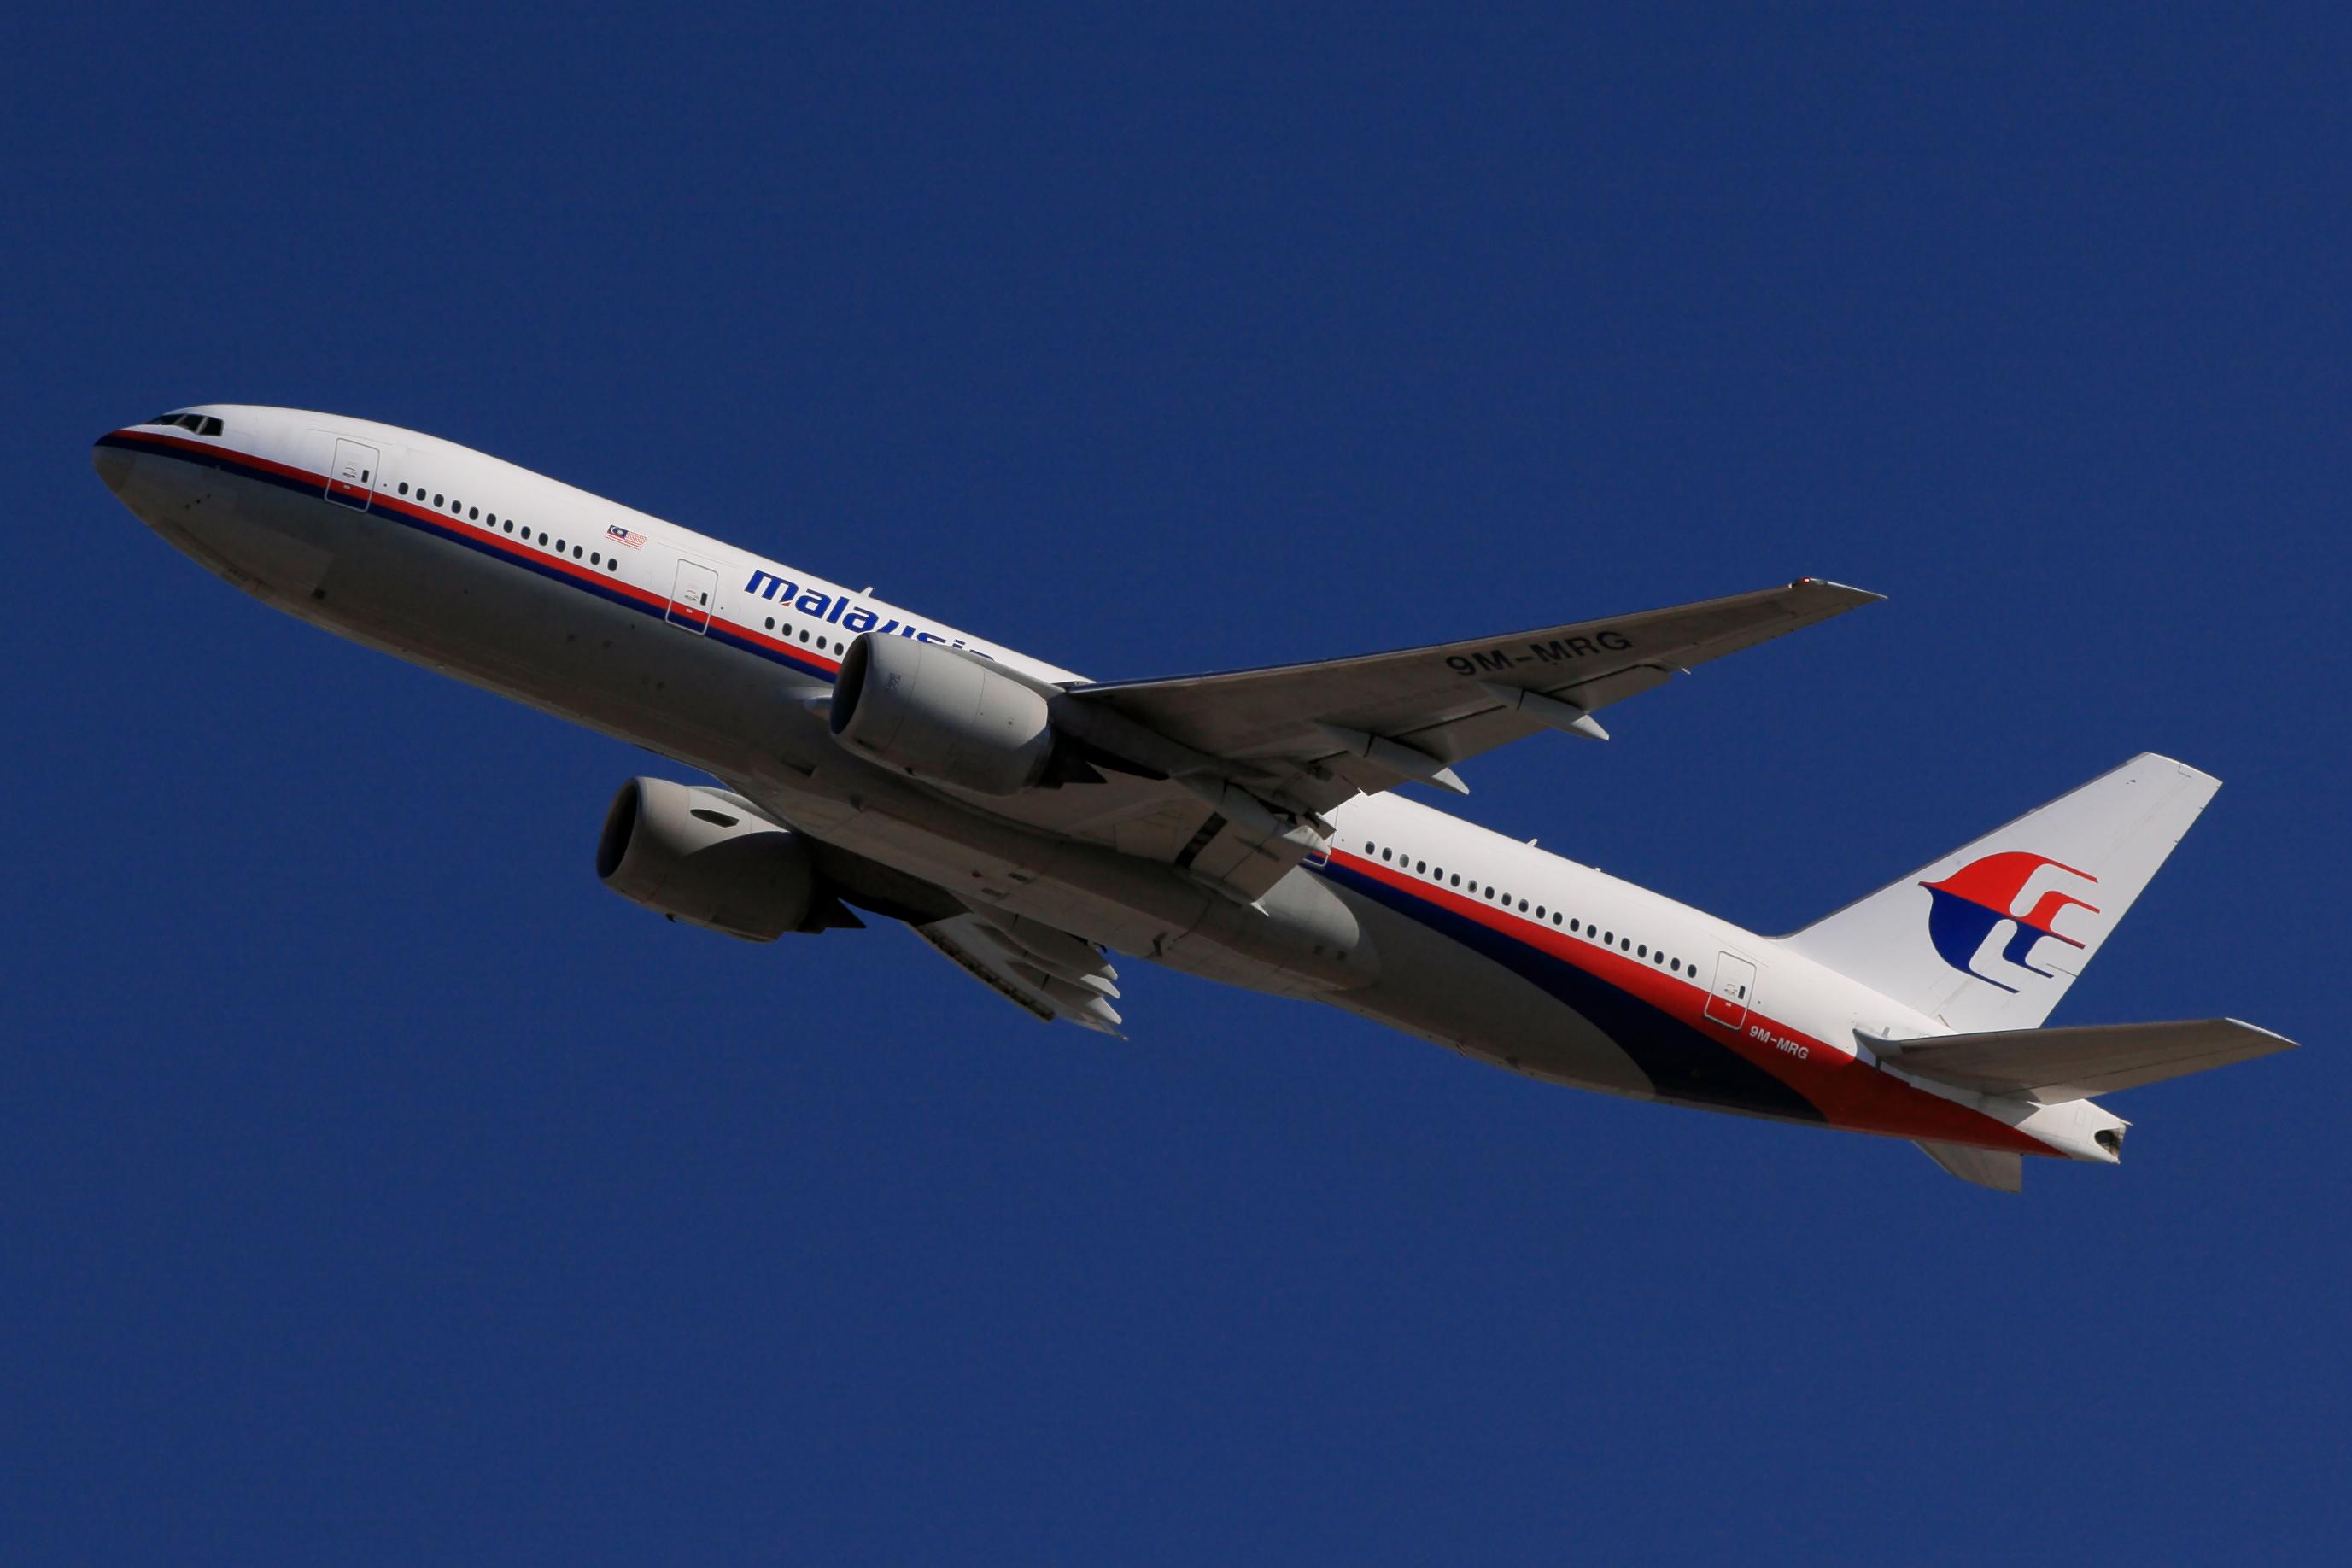 マレーシア 航空 17 便 撃墜 事件